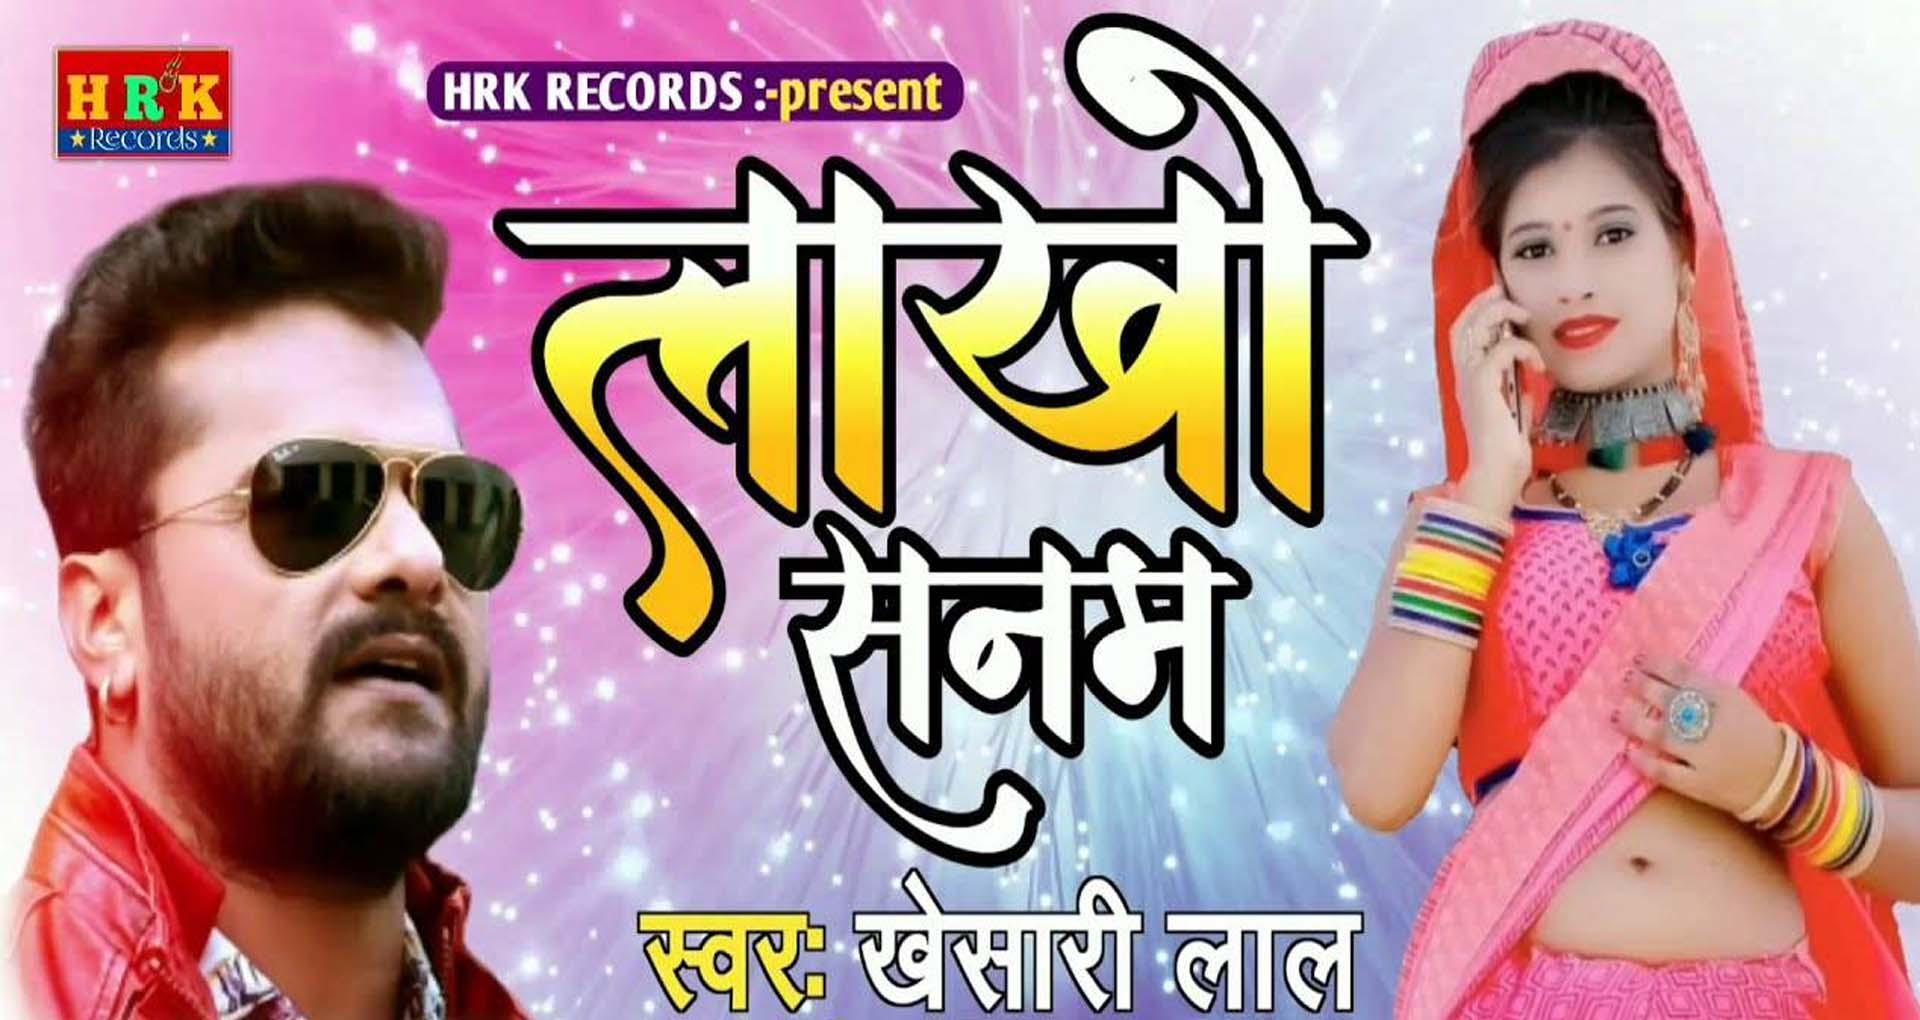 Khesari Lal Yadav Song: खेसारी लाल यादव के नए गाने 'लाखों सनम' ने उड़ाया गर्दा!